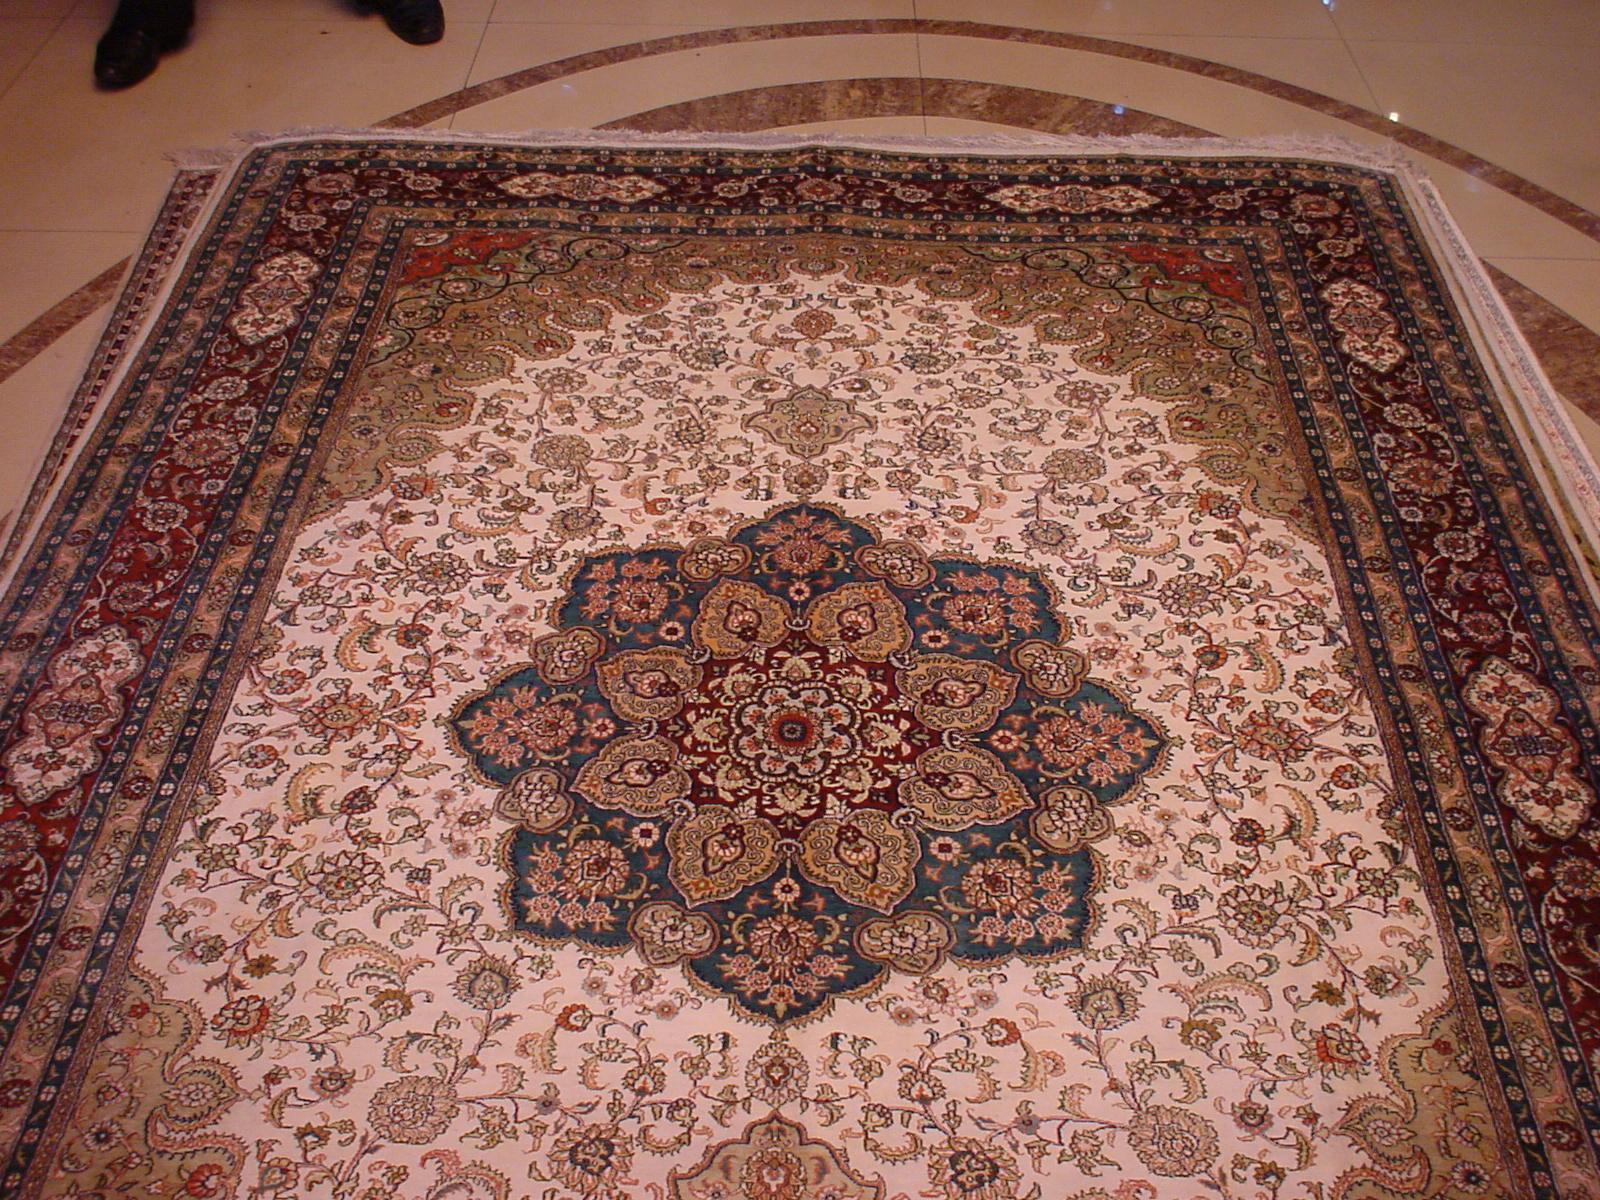 用波斯富貴地毯一定能發財! 2